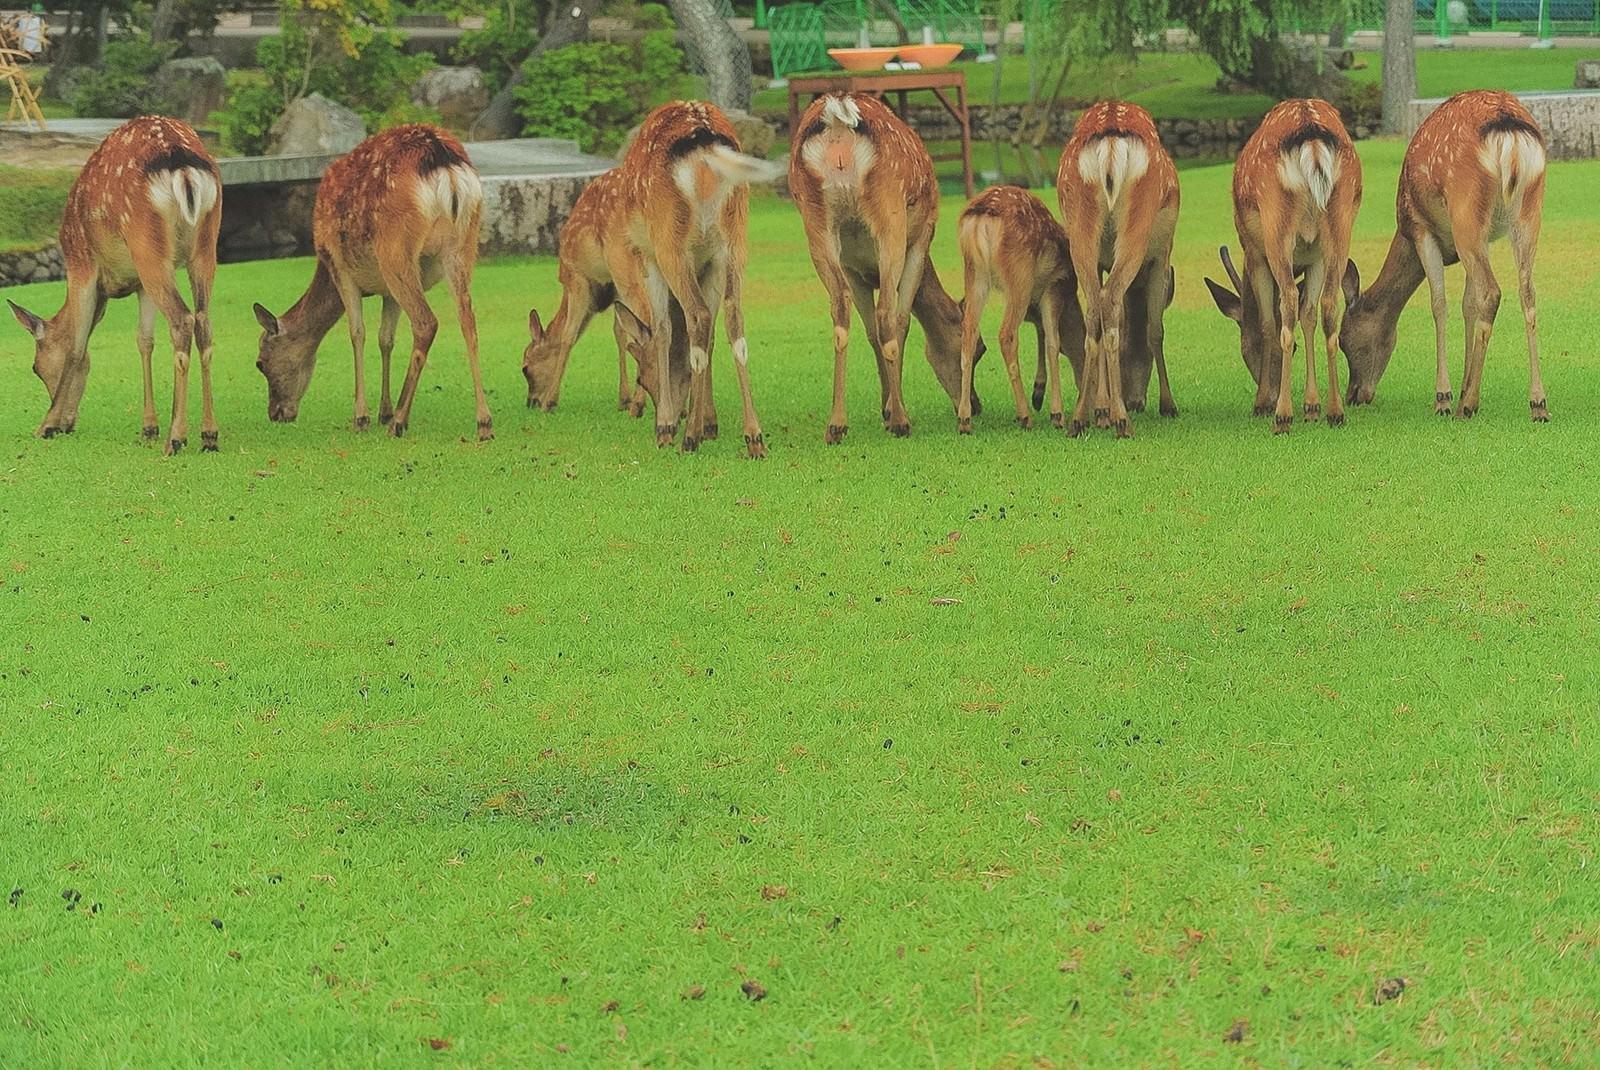 「横一列に並んだ鹿尻」の写真